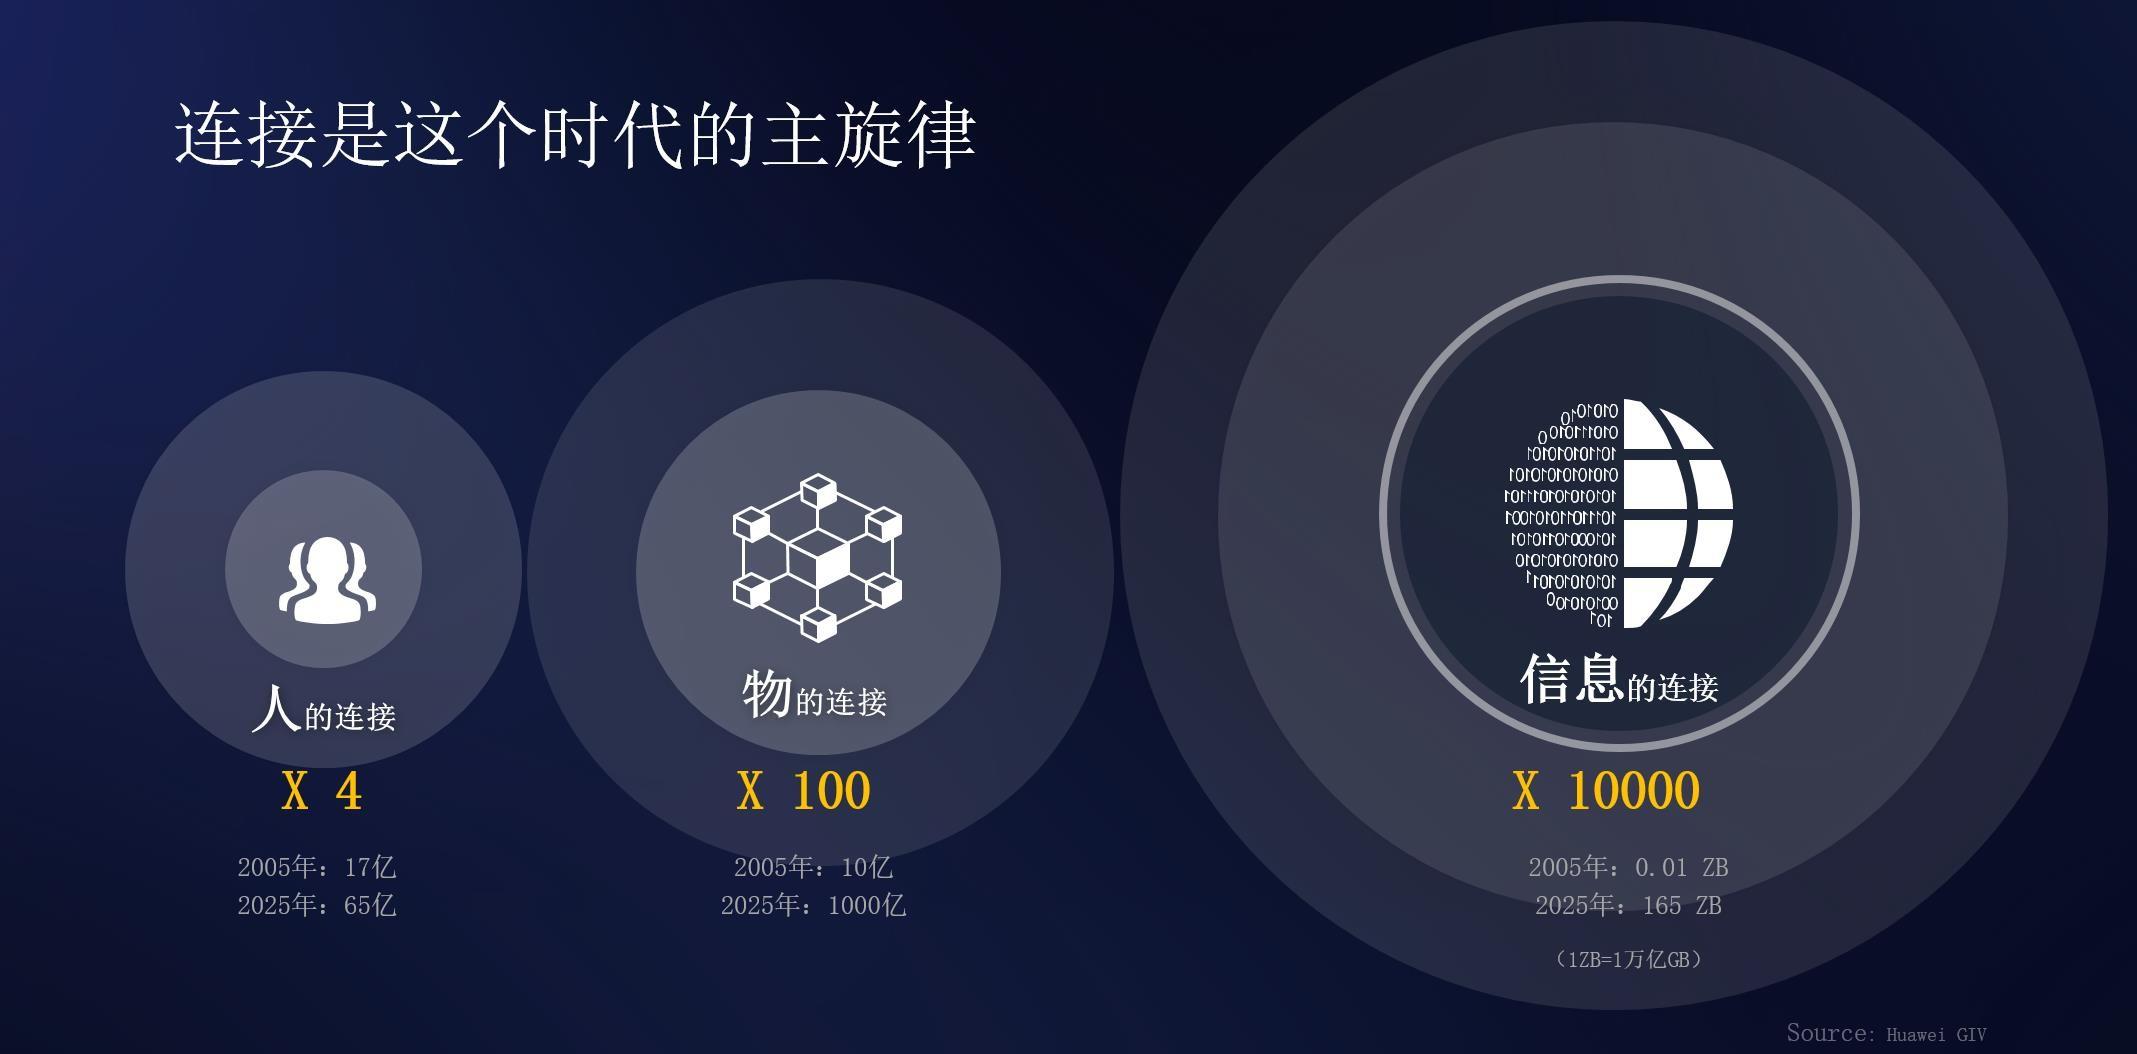 余承东:华为全连接战略三把钥匙 AI连接智慧生活